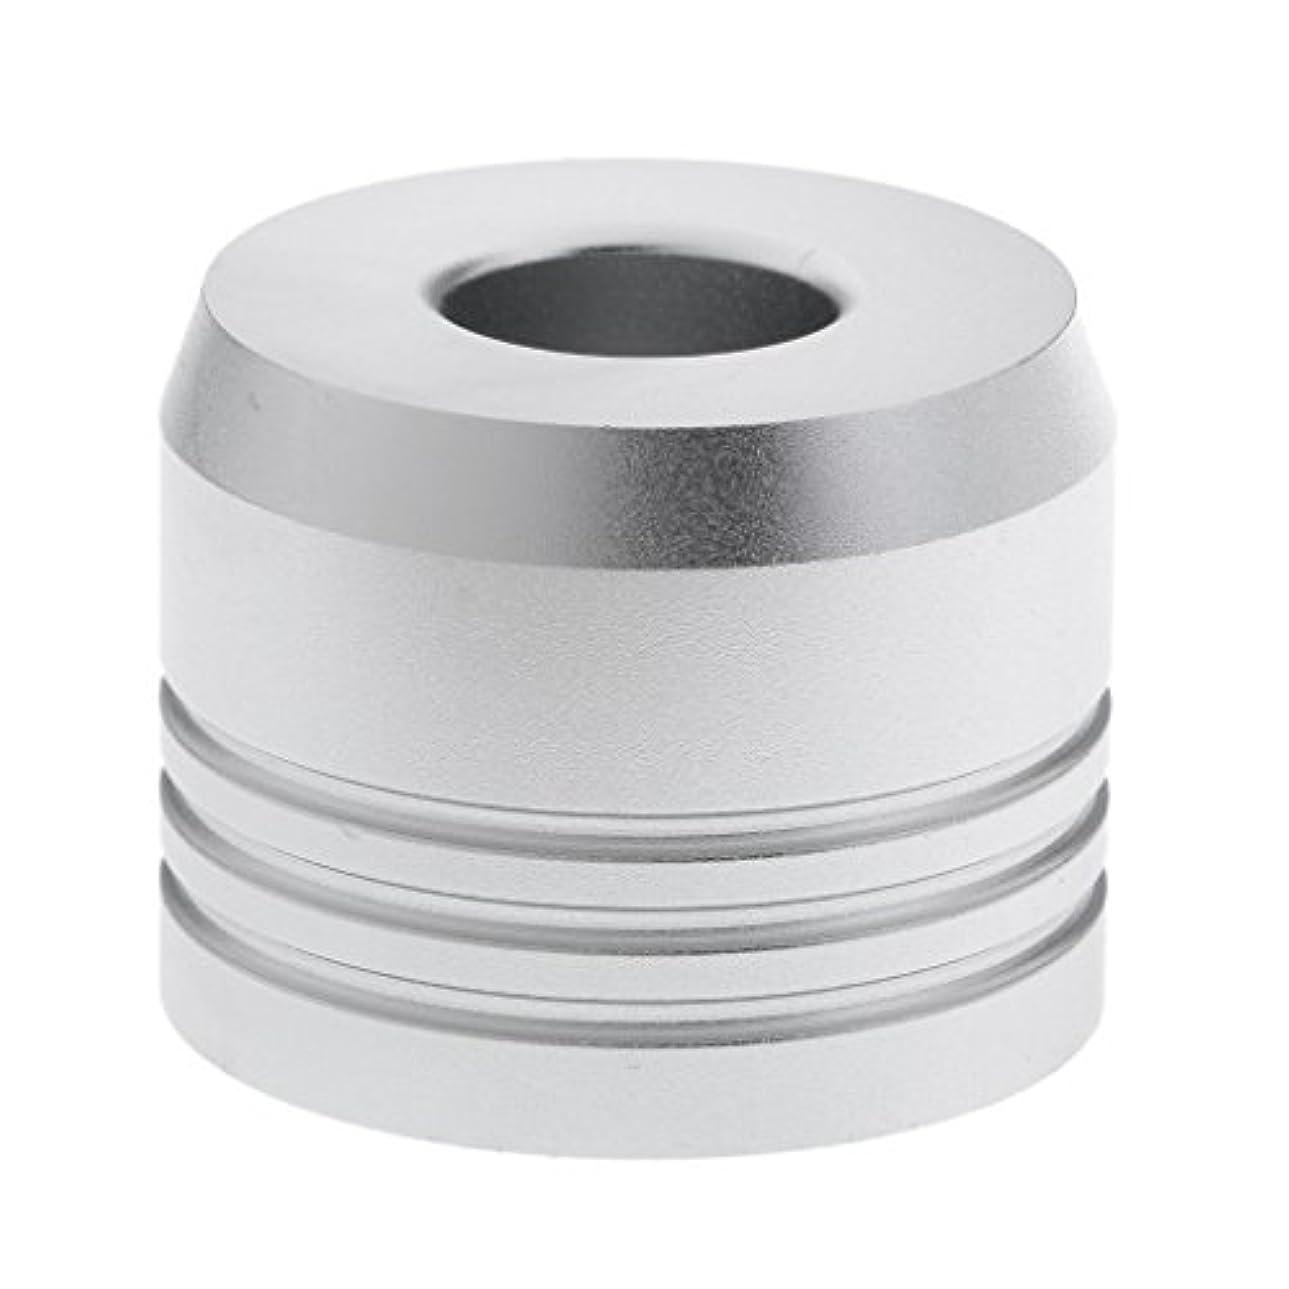 再発するトラップ判読できないBaosity カミソリスタンド スタンド シェービング カミソリホルダー ベース サポート 調節可 乾燥 高品質 2色選べ   - 銀